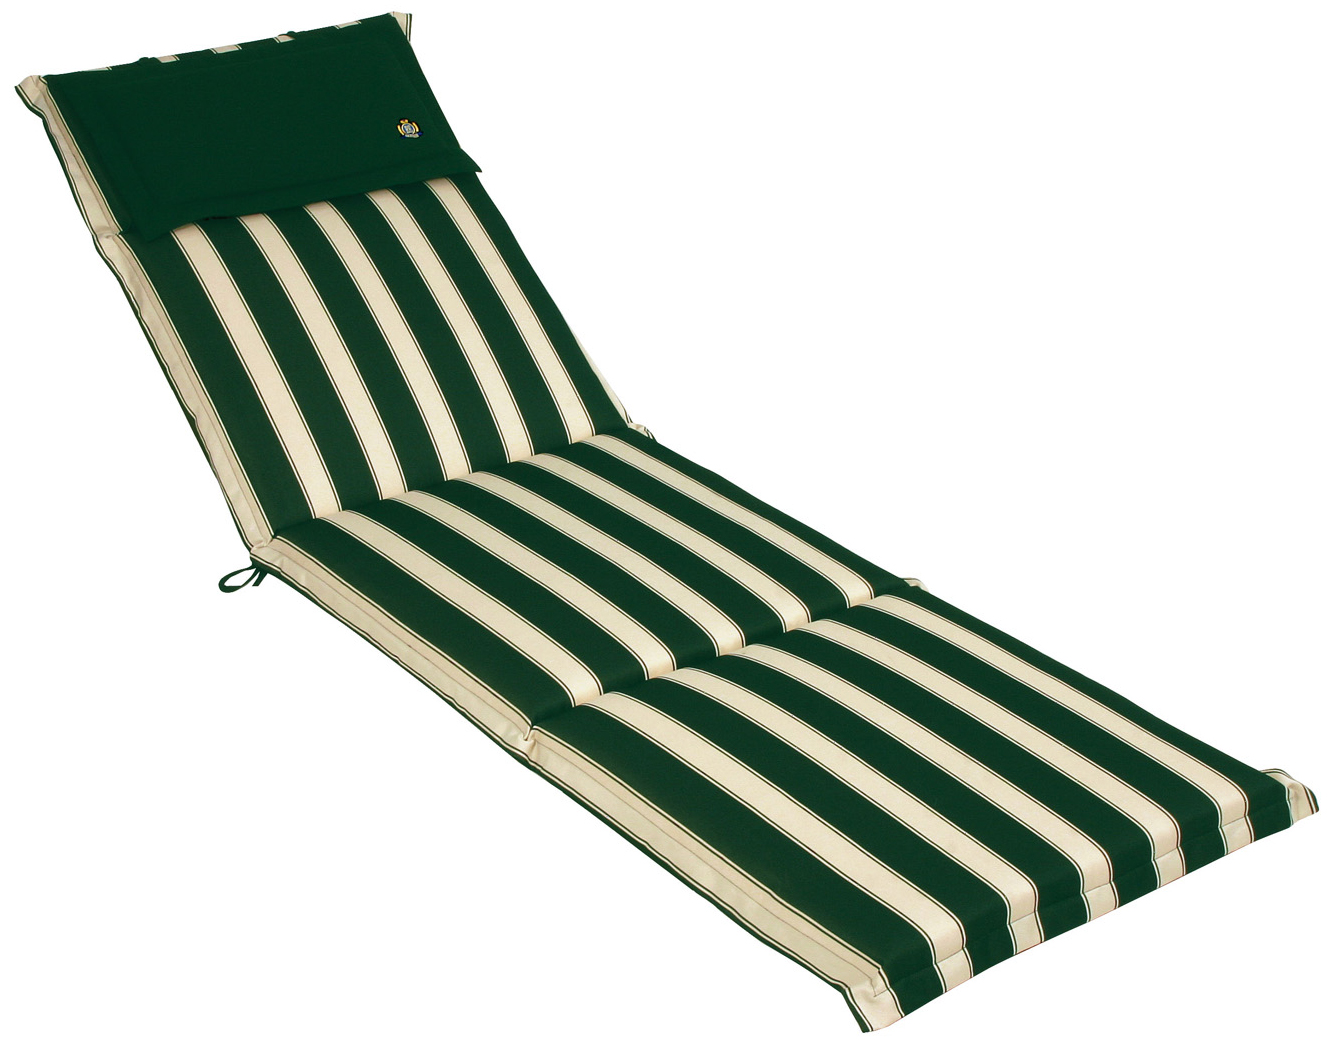 Cuscino per lettino prendisole 196x58 cm con volant - Cuscini per sdraio da giardino ...